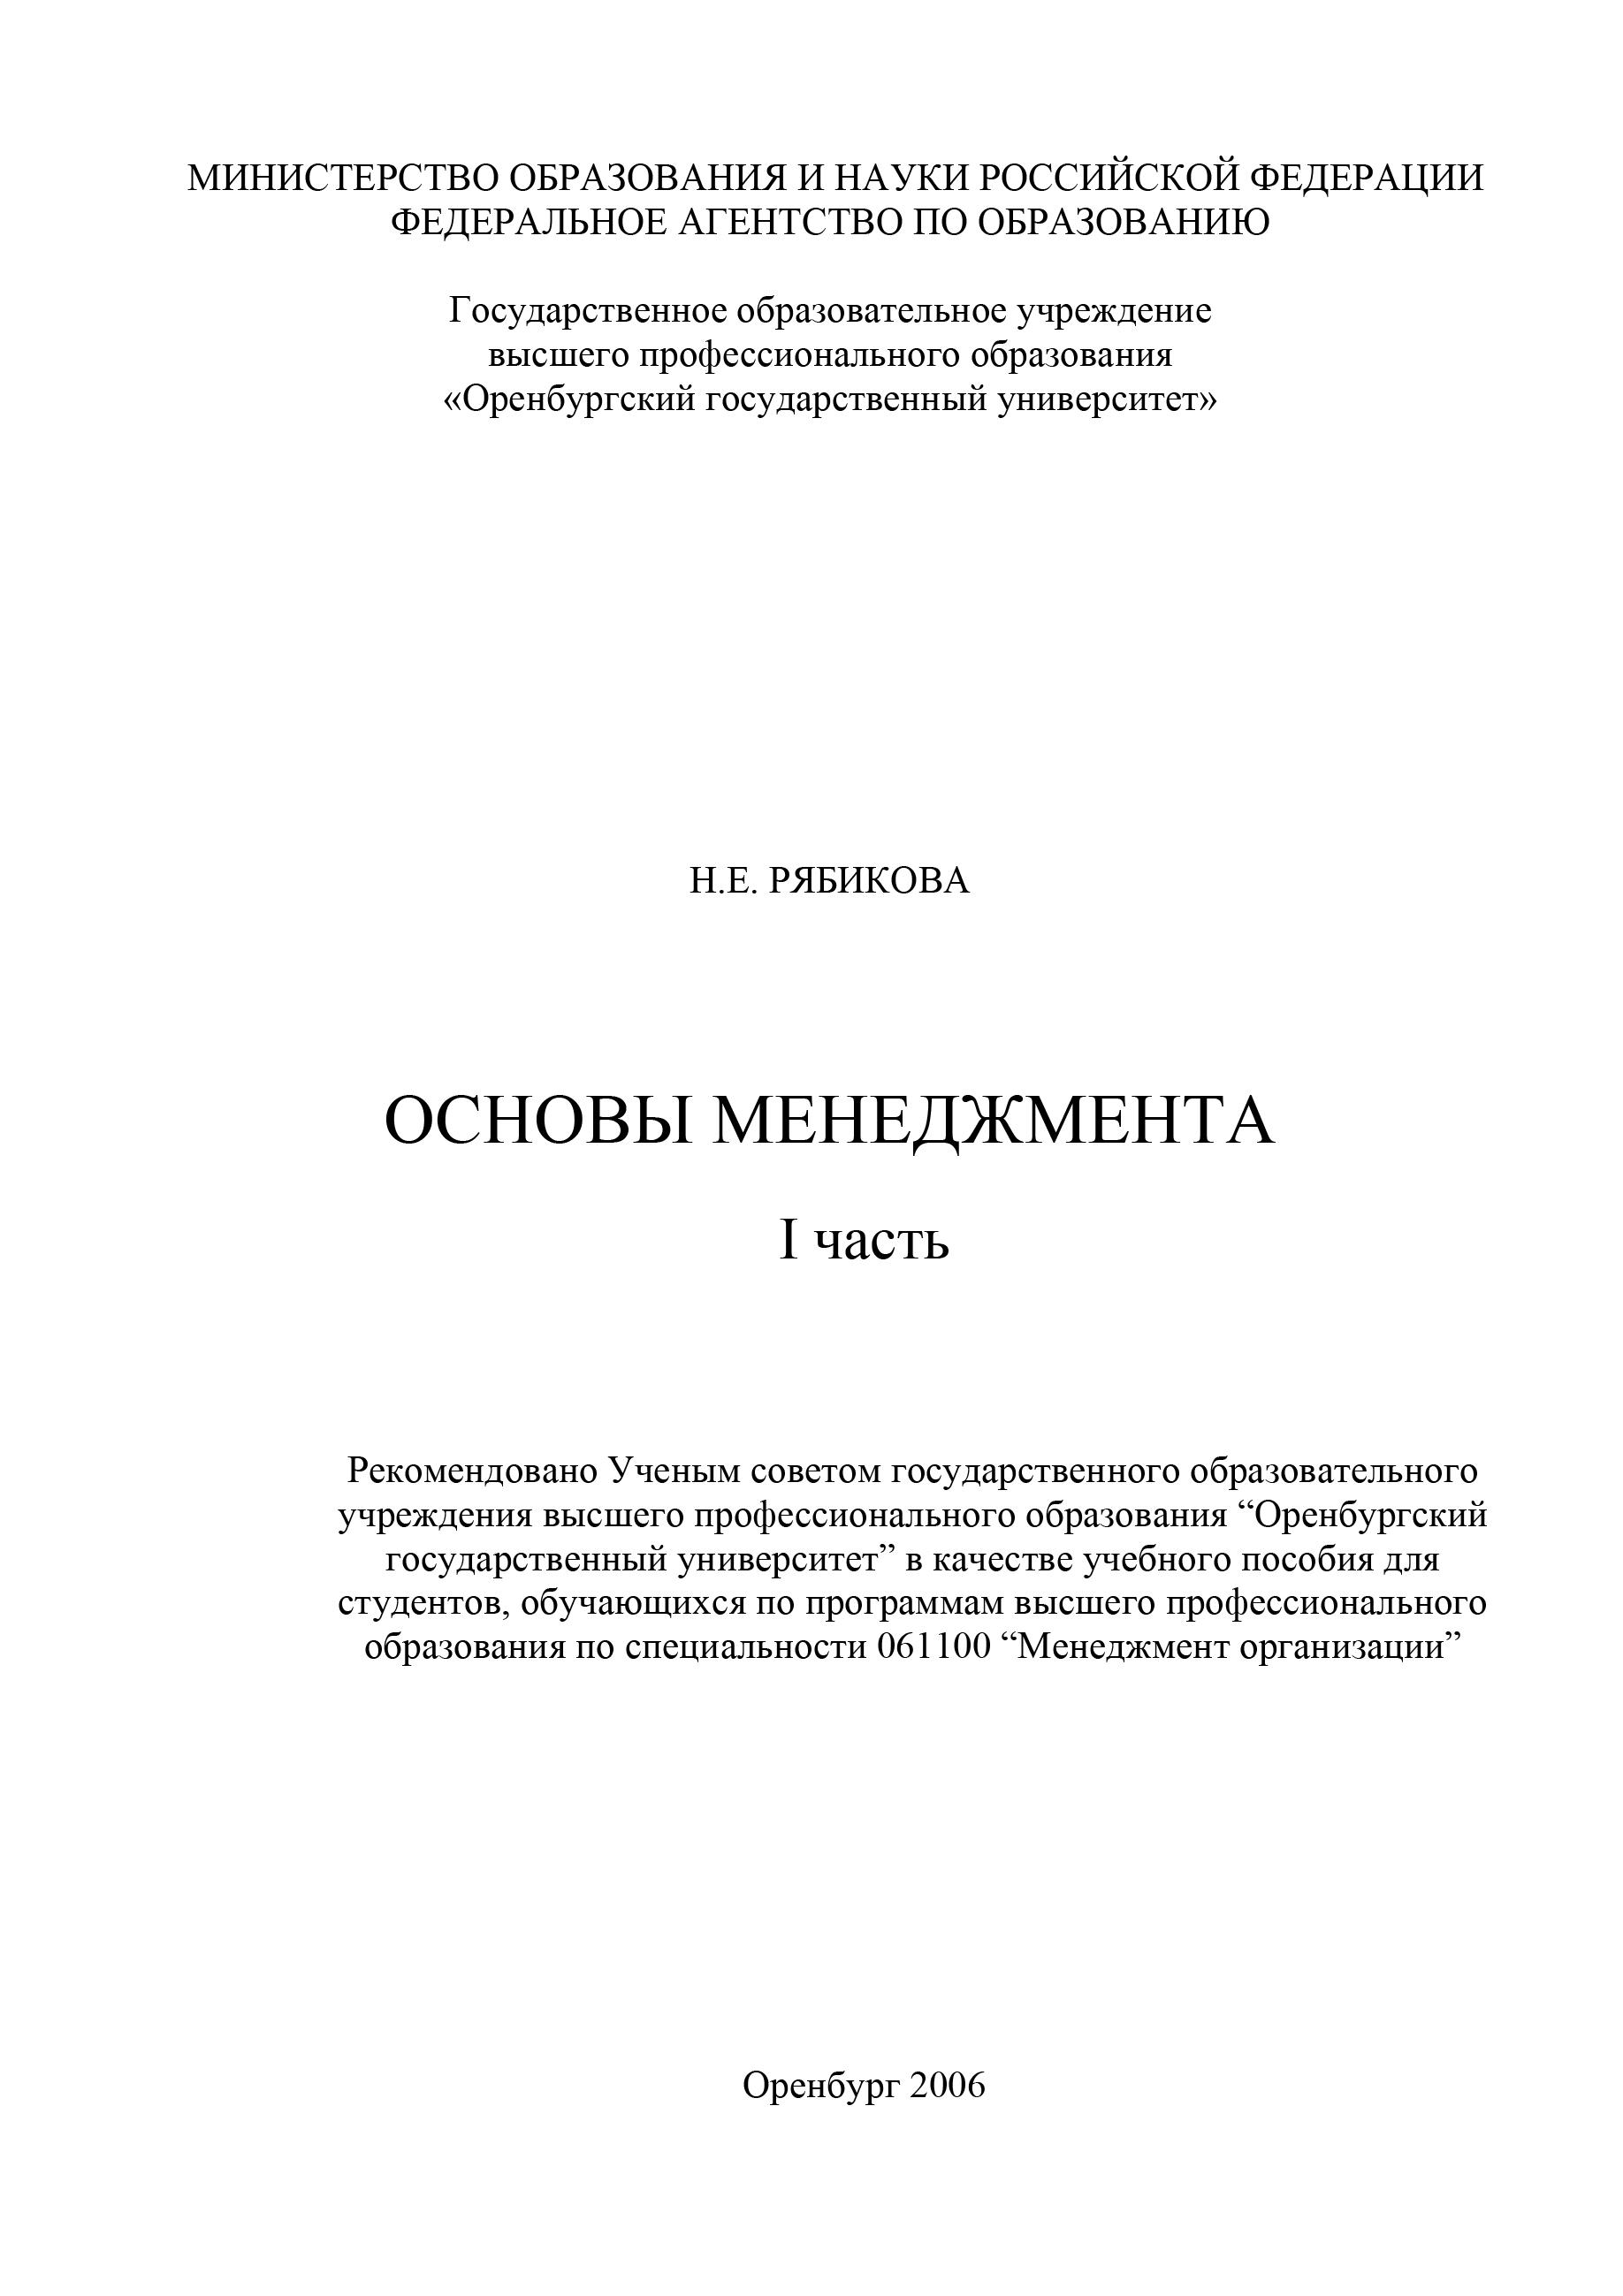 Н. Е. Рябикова Основы менеджмента. I часть екатерина пустынникова основы менеджмента